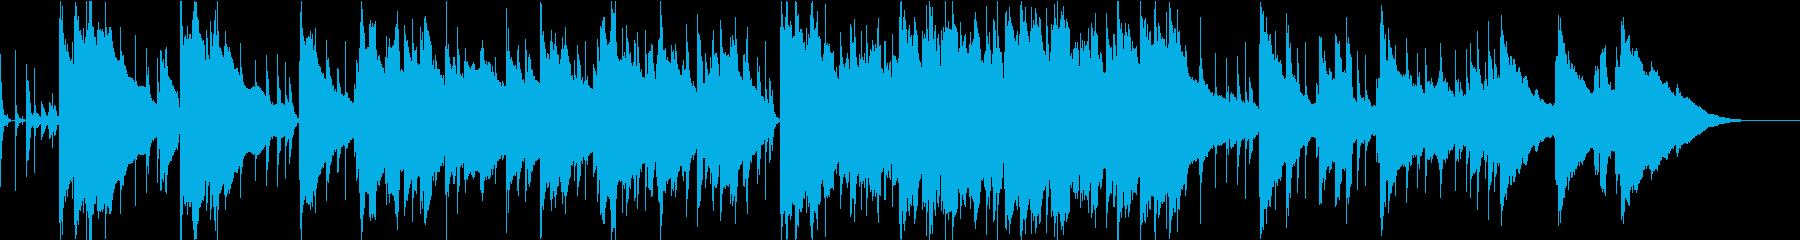 青空をイメージした爽やかなポップスの再生済みの波形